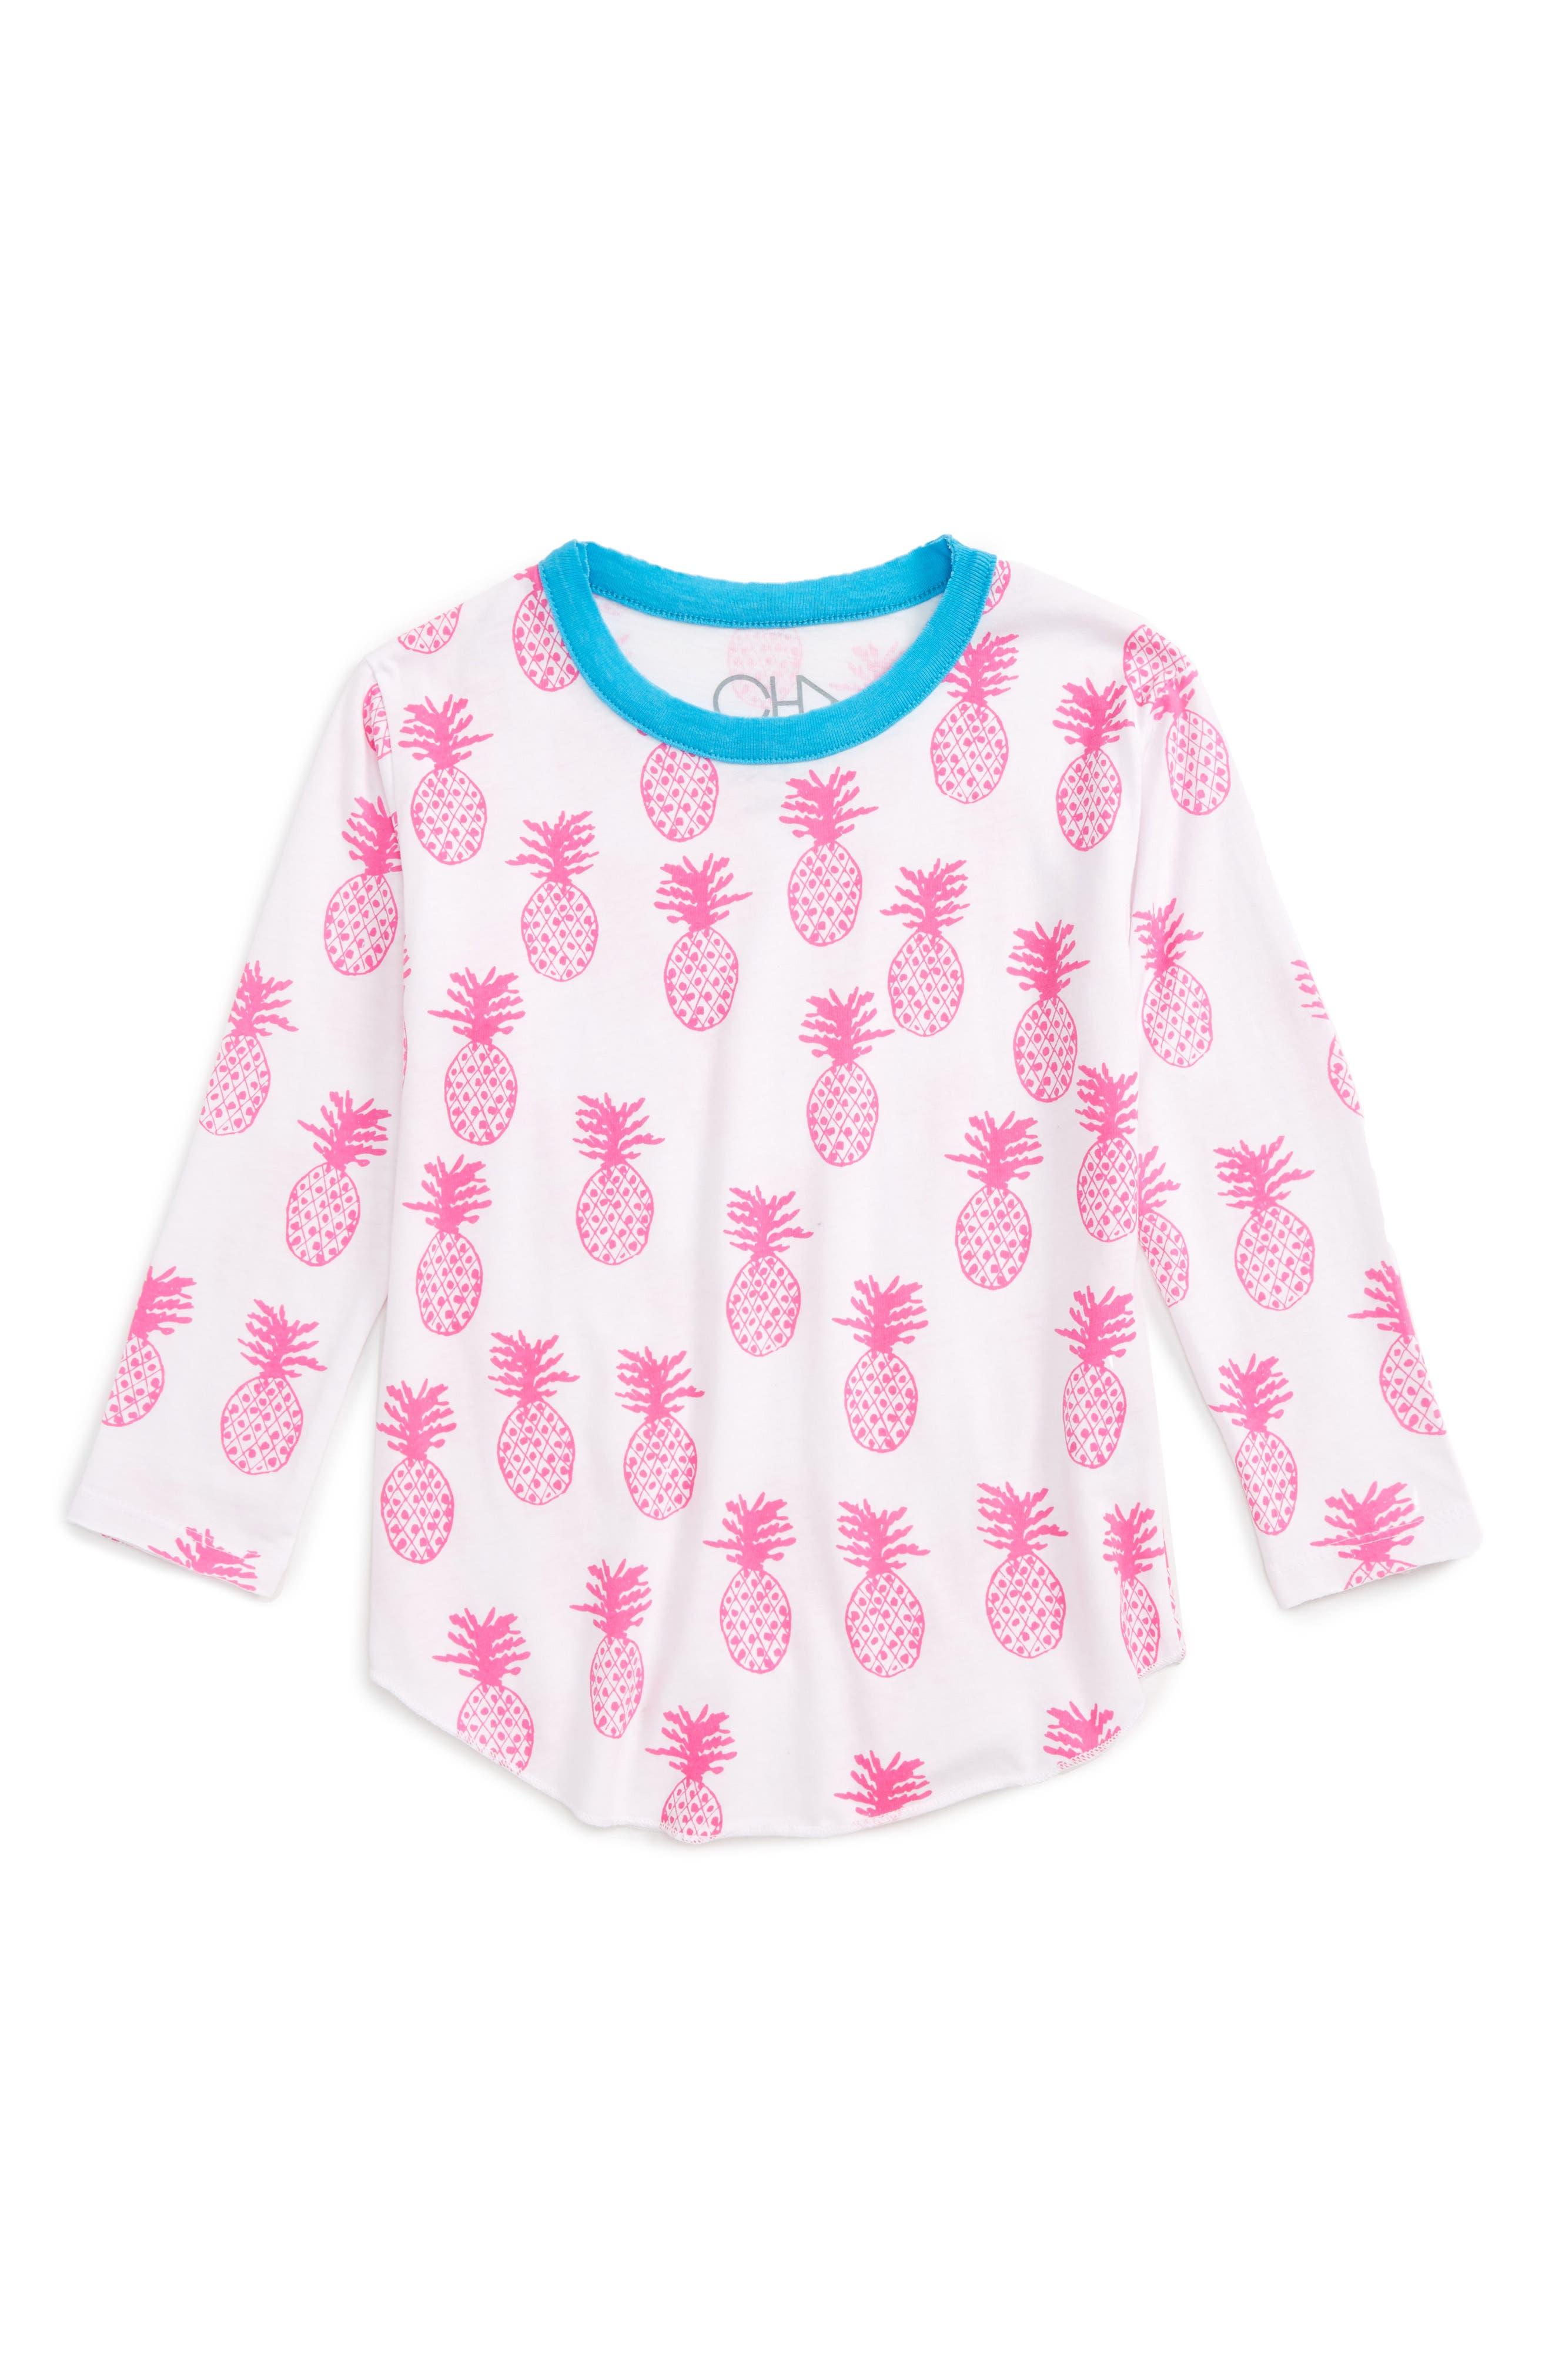 Main Image - Chaser Pineapple Print Tee (Toddler Girls & Little Girls)